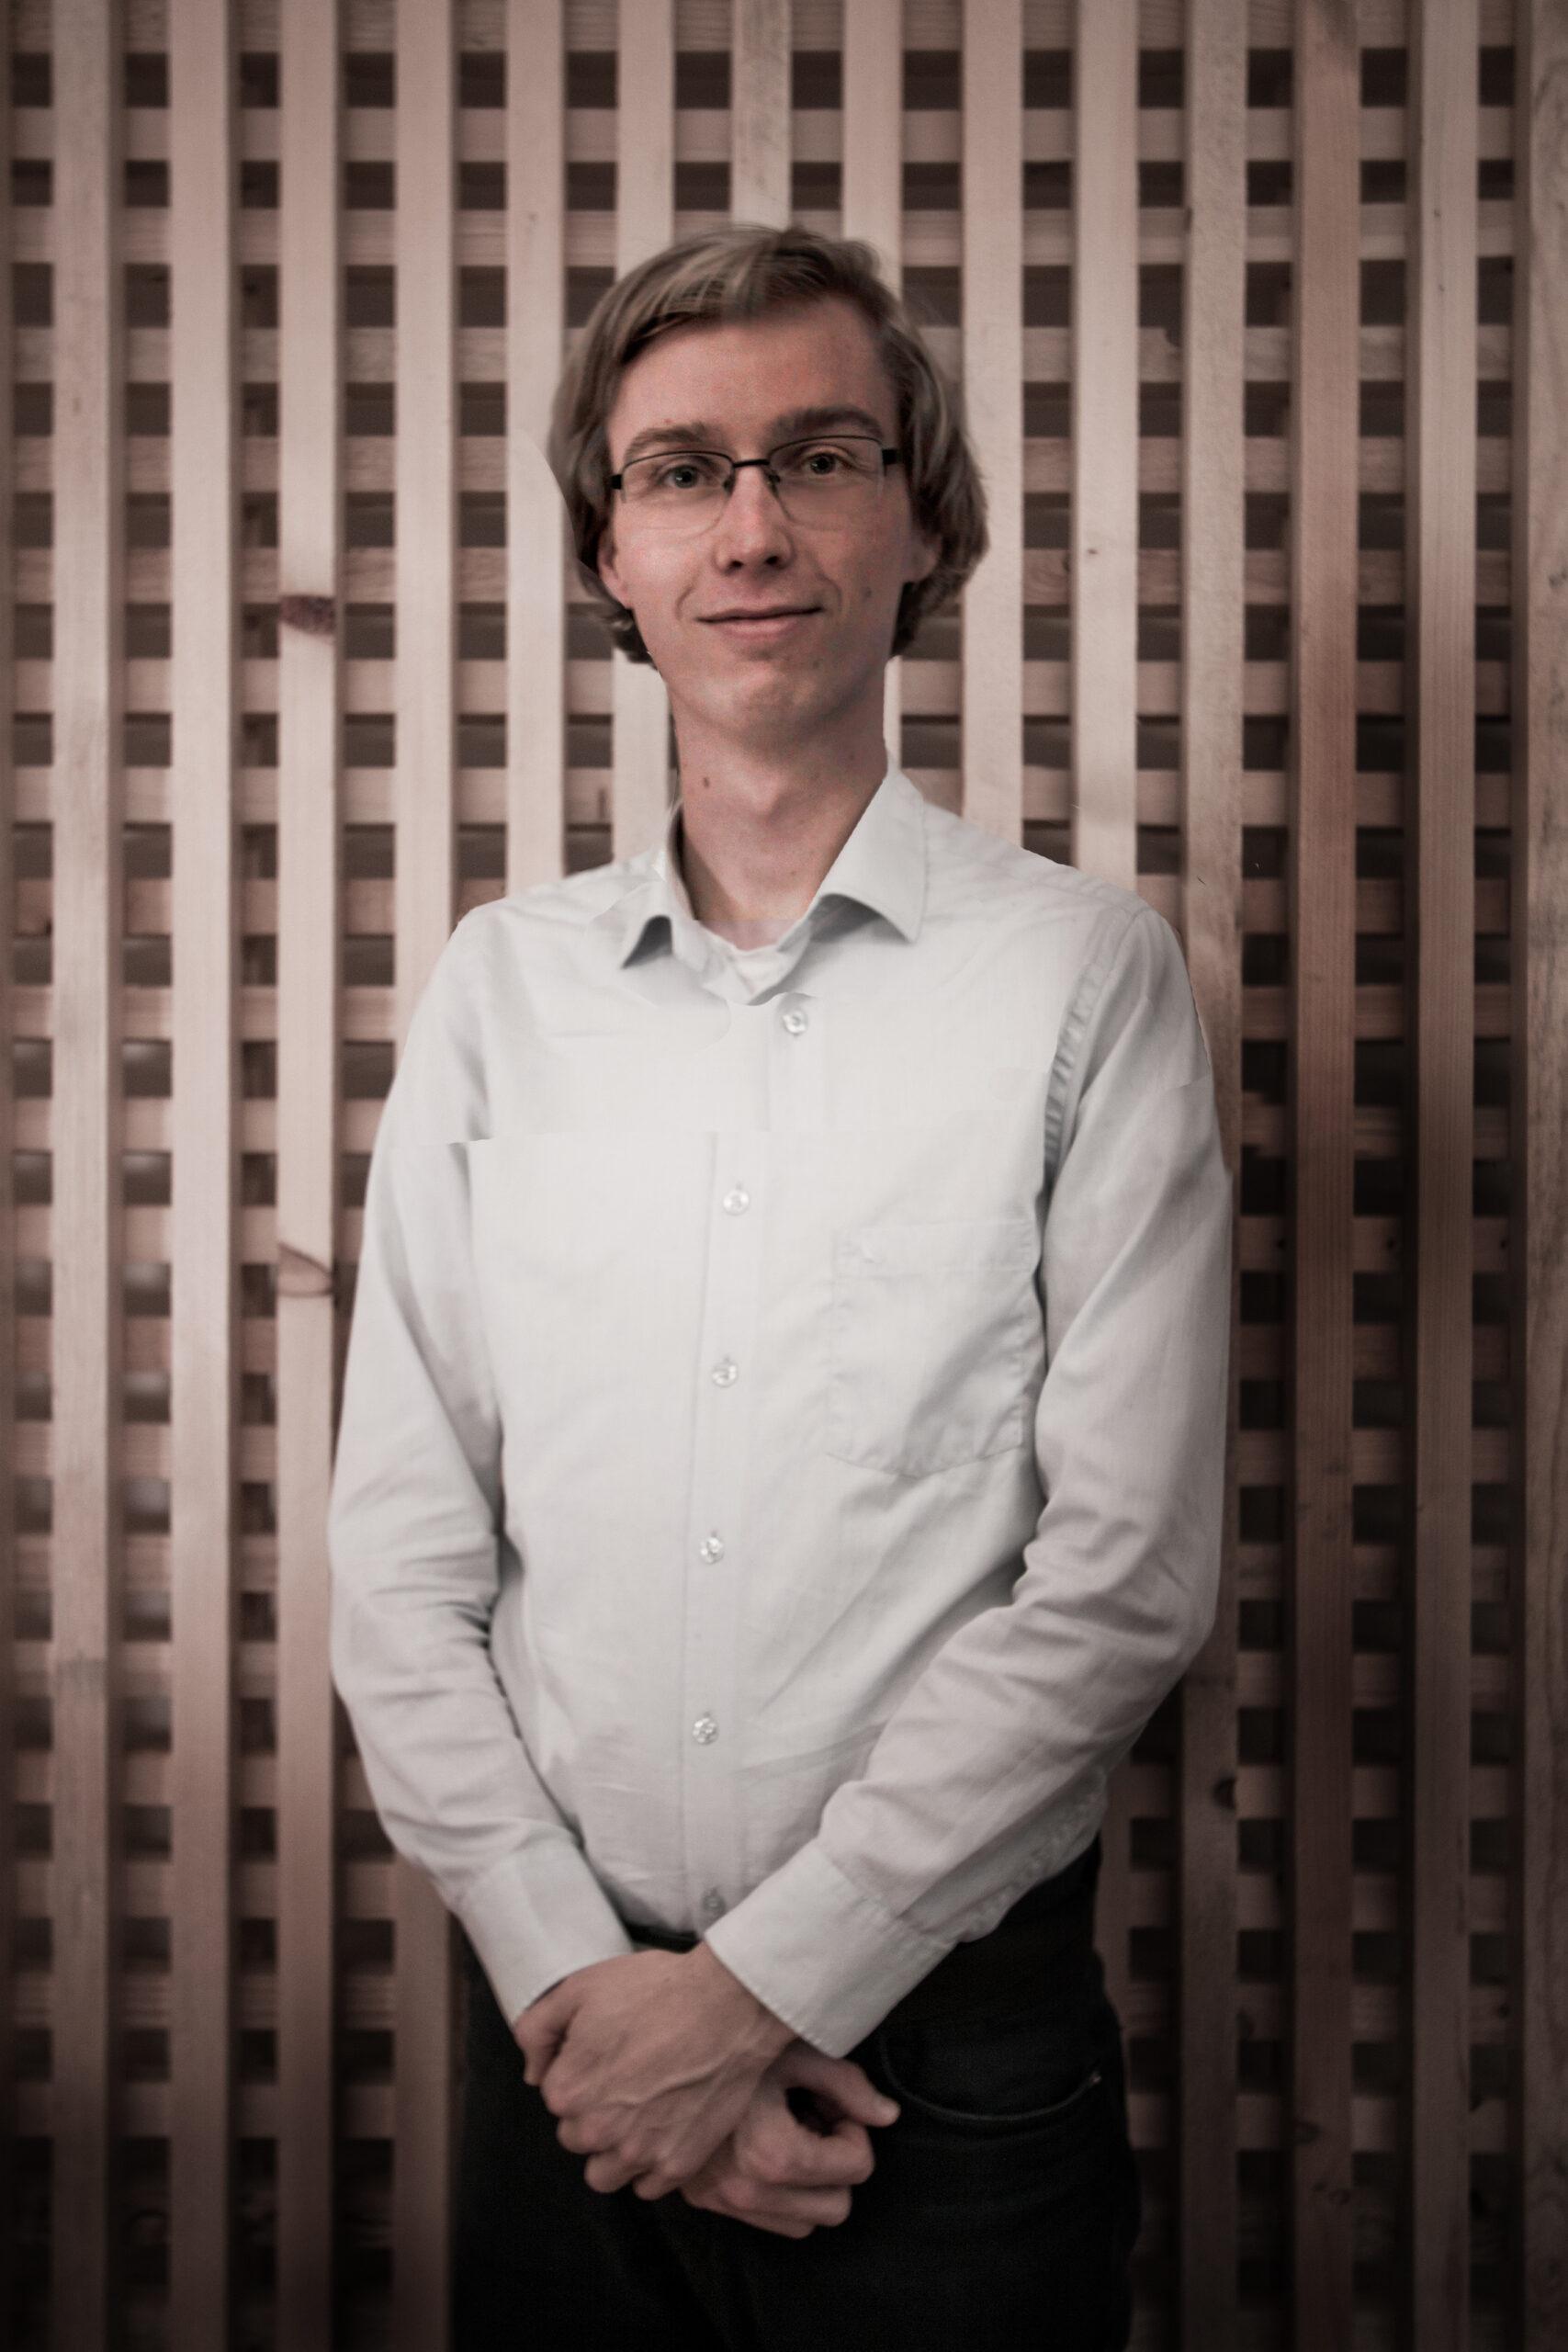 David Kloeg